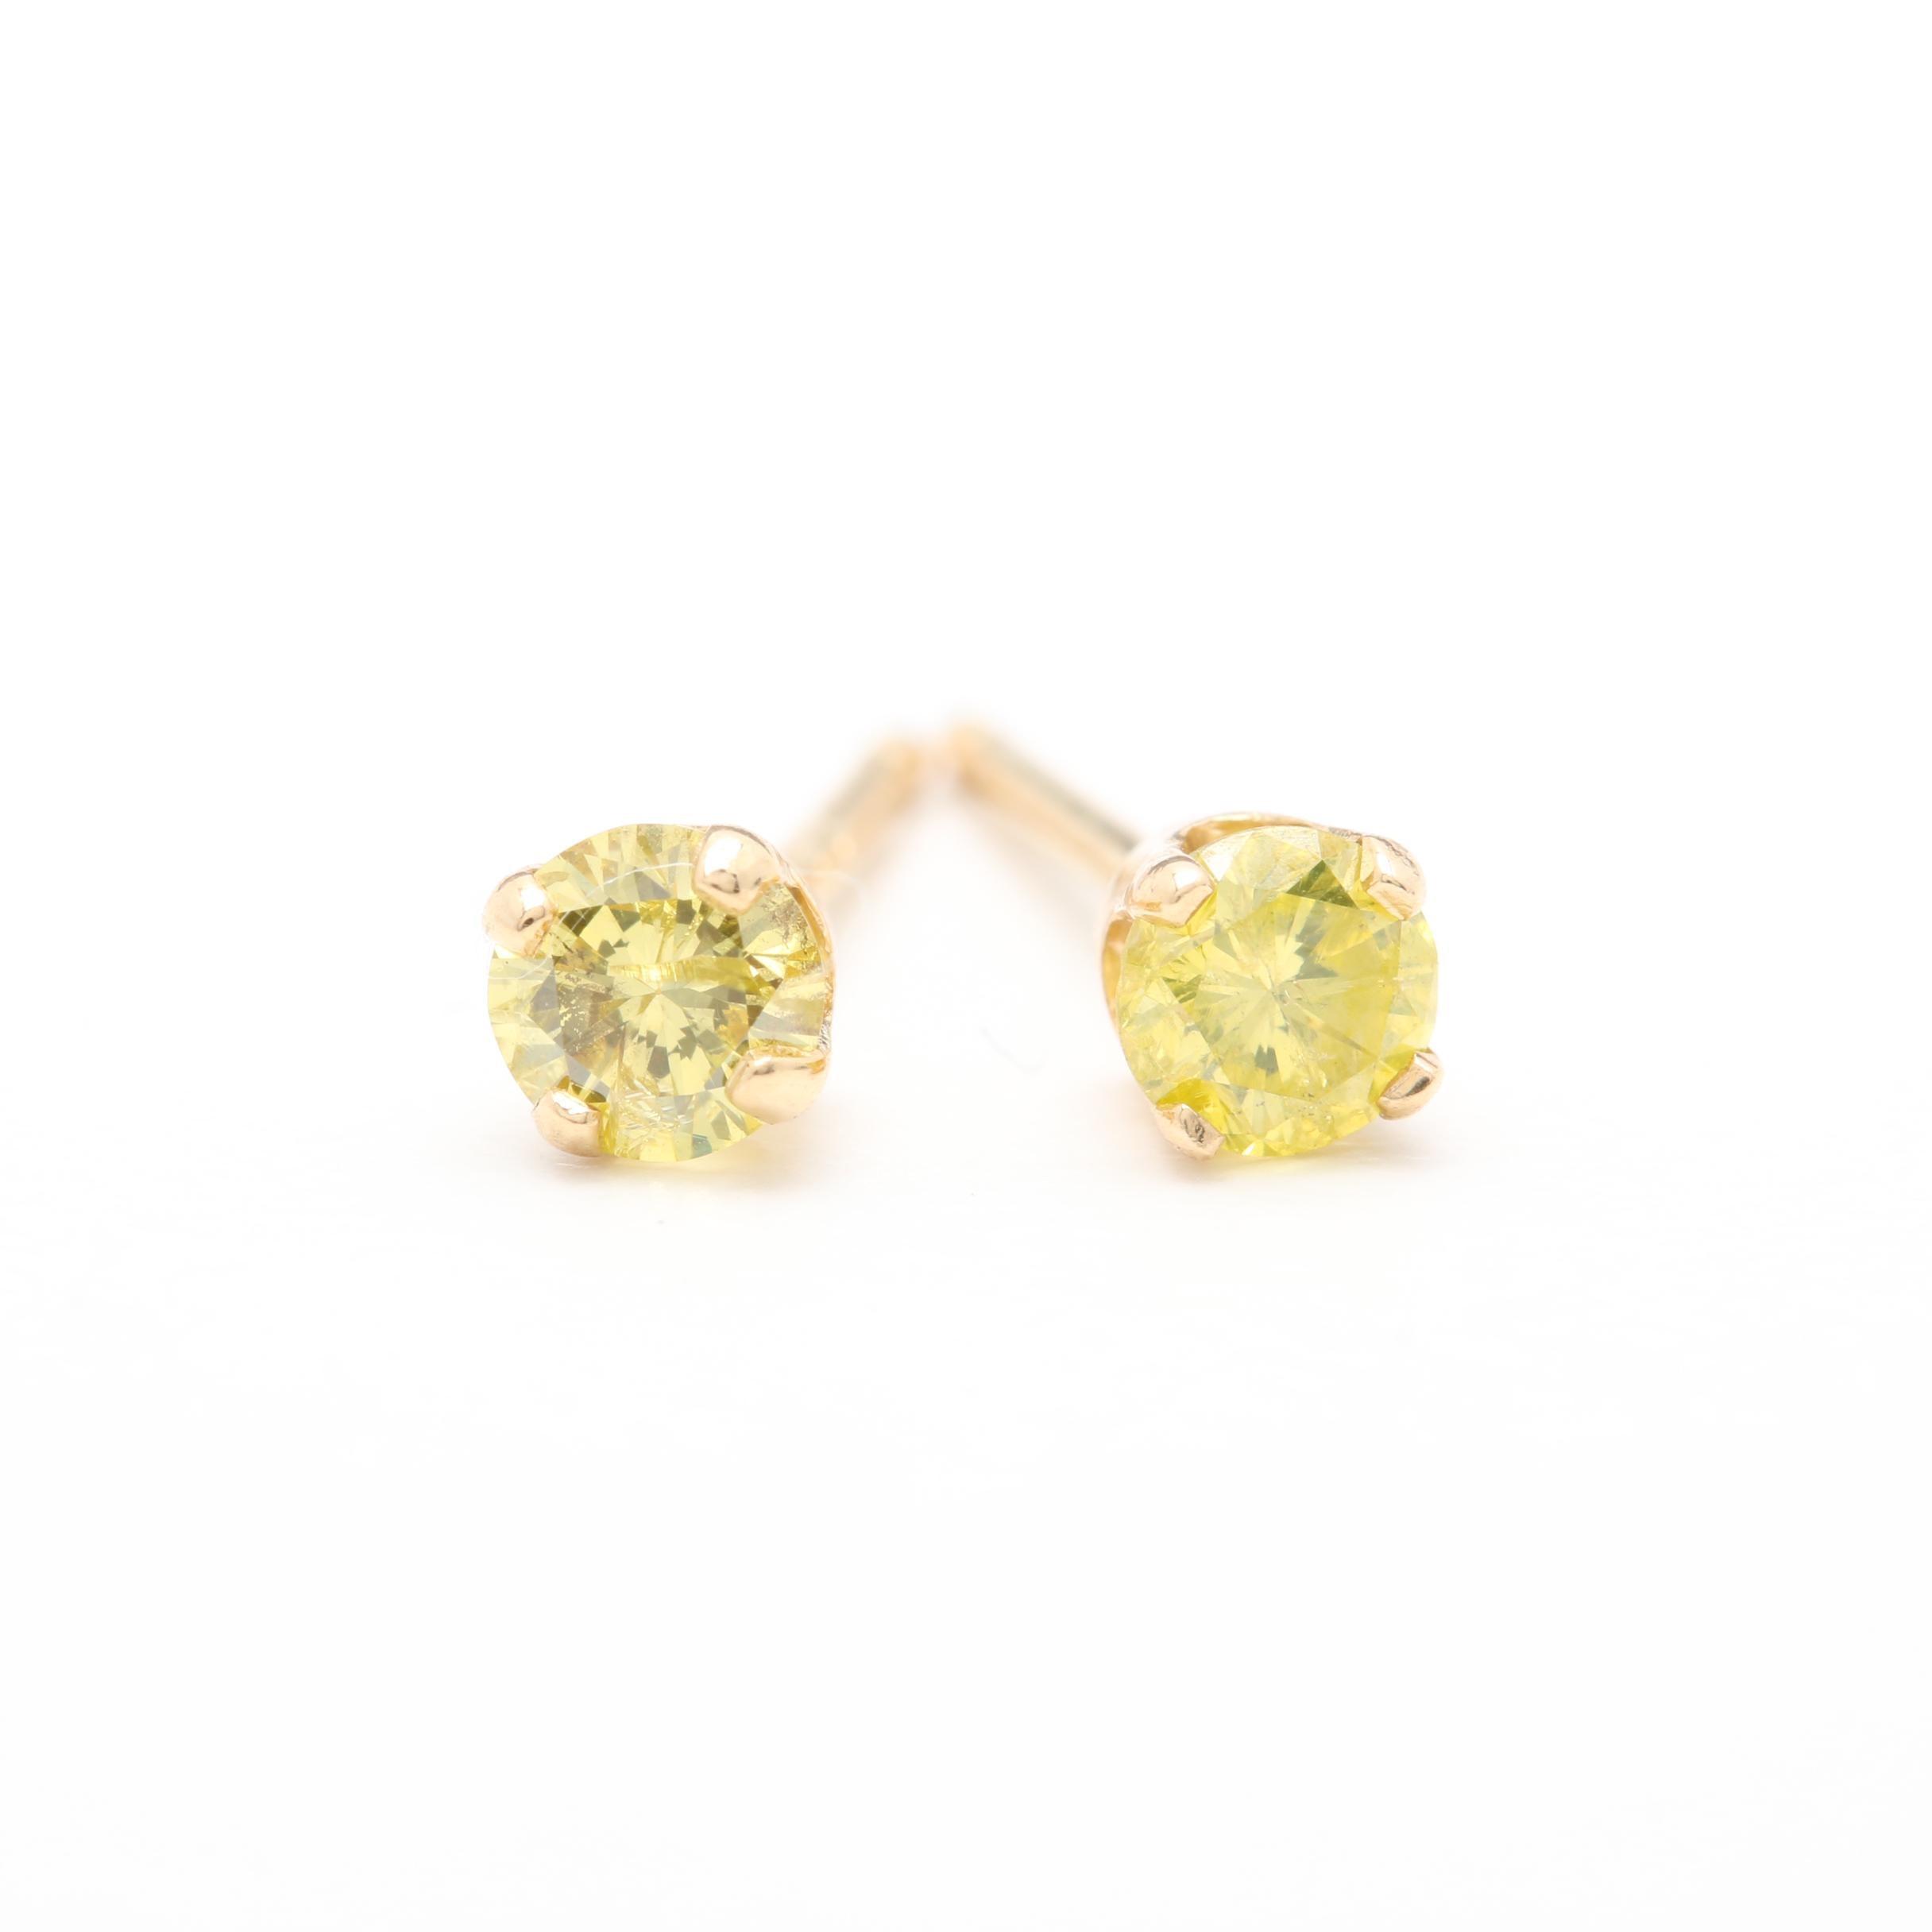 14K Yellow Gold Yellow Diamond Stud Earrings